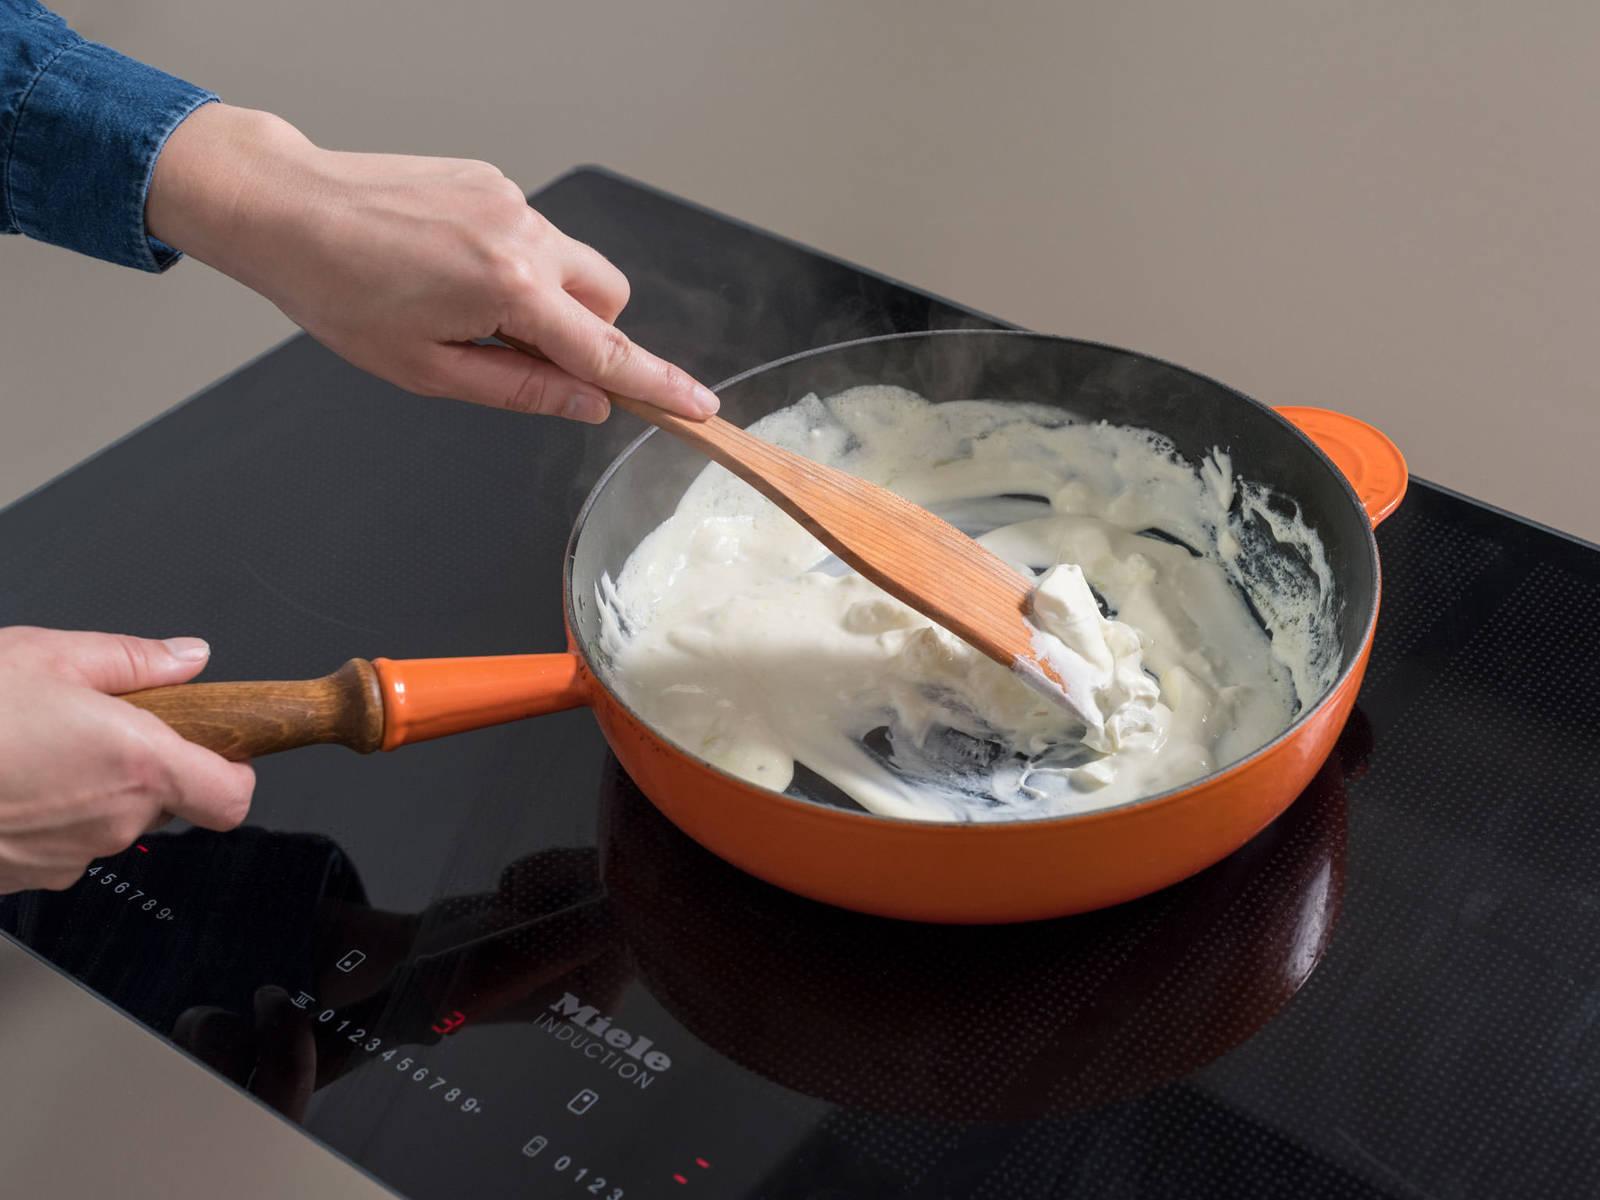 过滤通心粉,留下些许煮面水。在煎锅中,中火加热橄榄油,放入蒜翻炒。调至小火,倒入法式酸奶油和些许山羊芝士,搅拌至均匀混合。